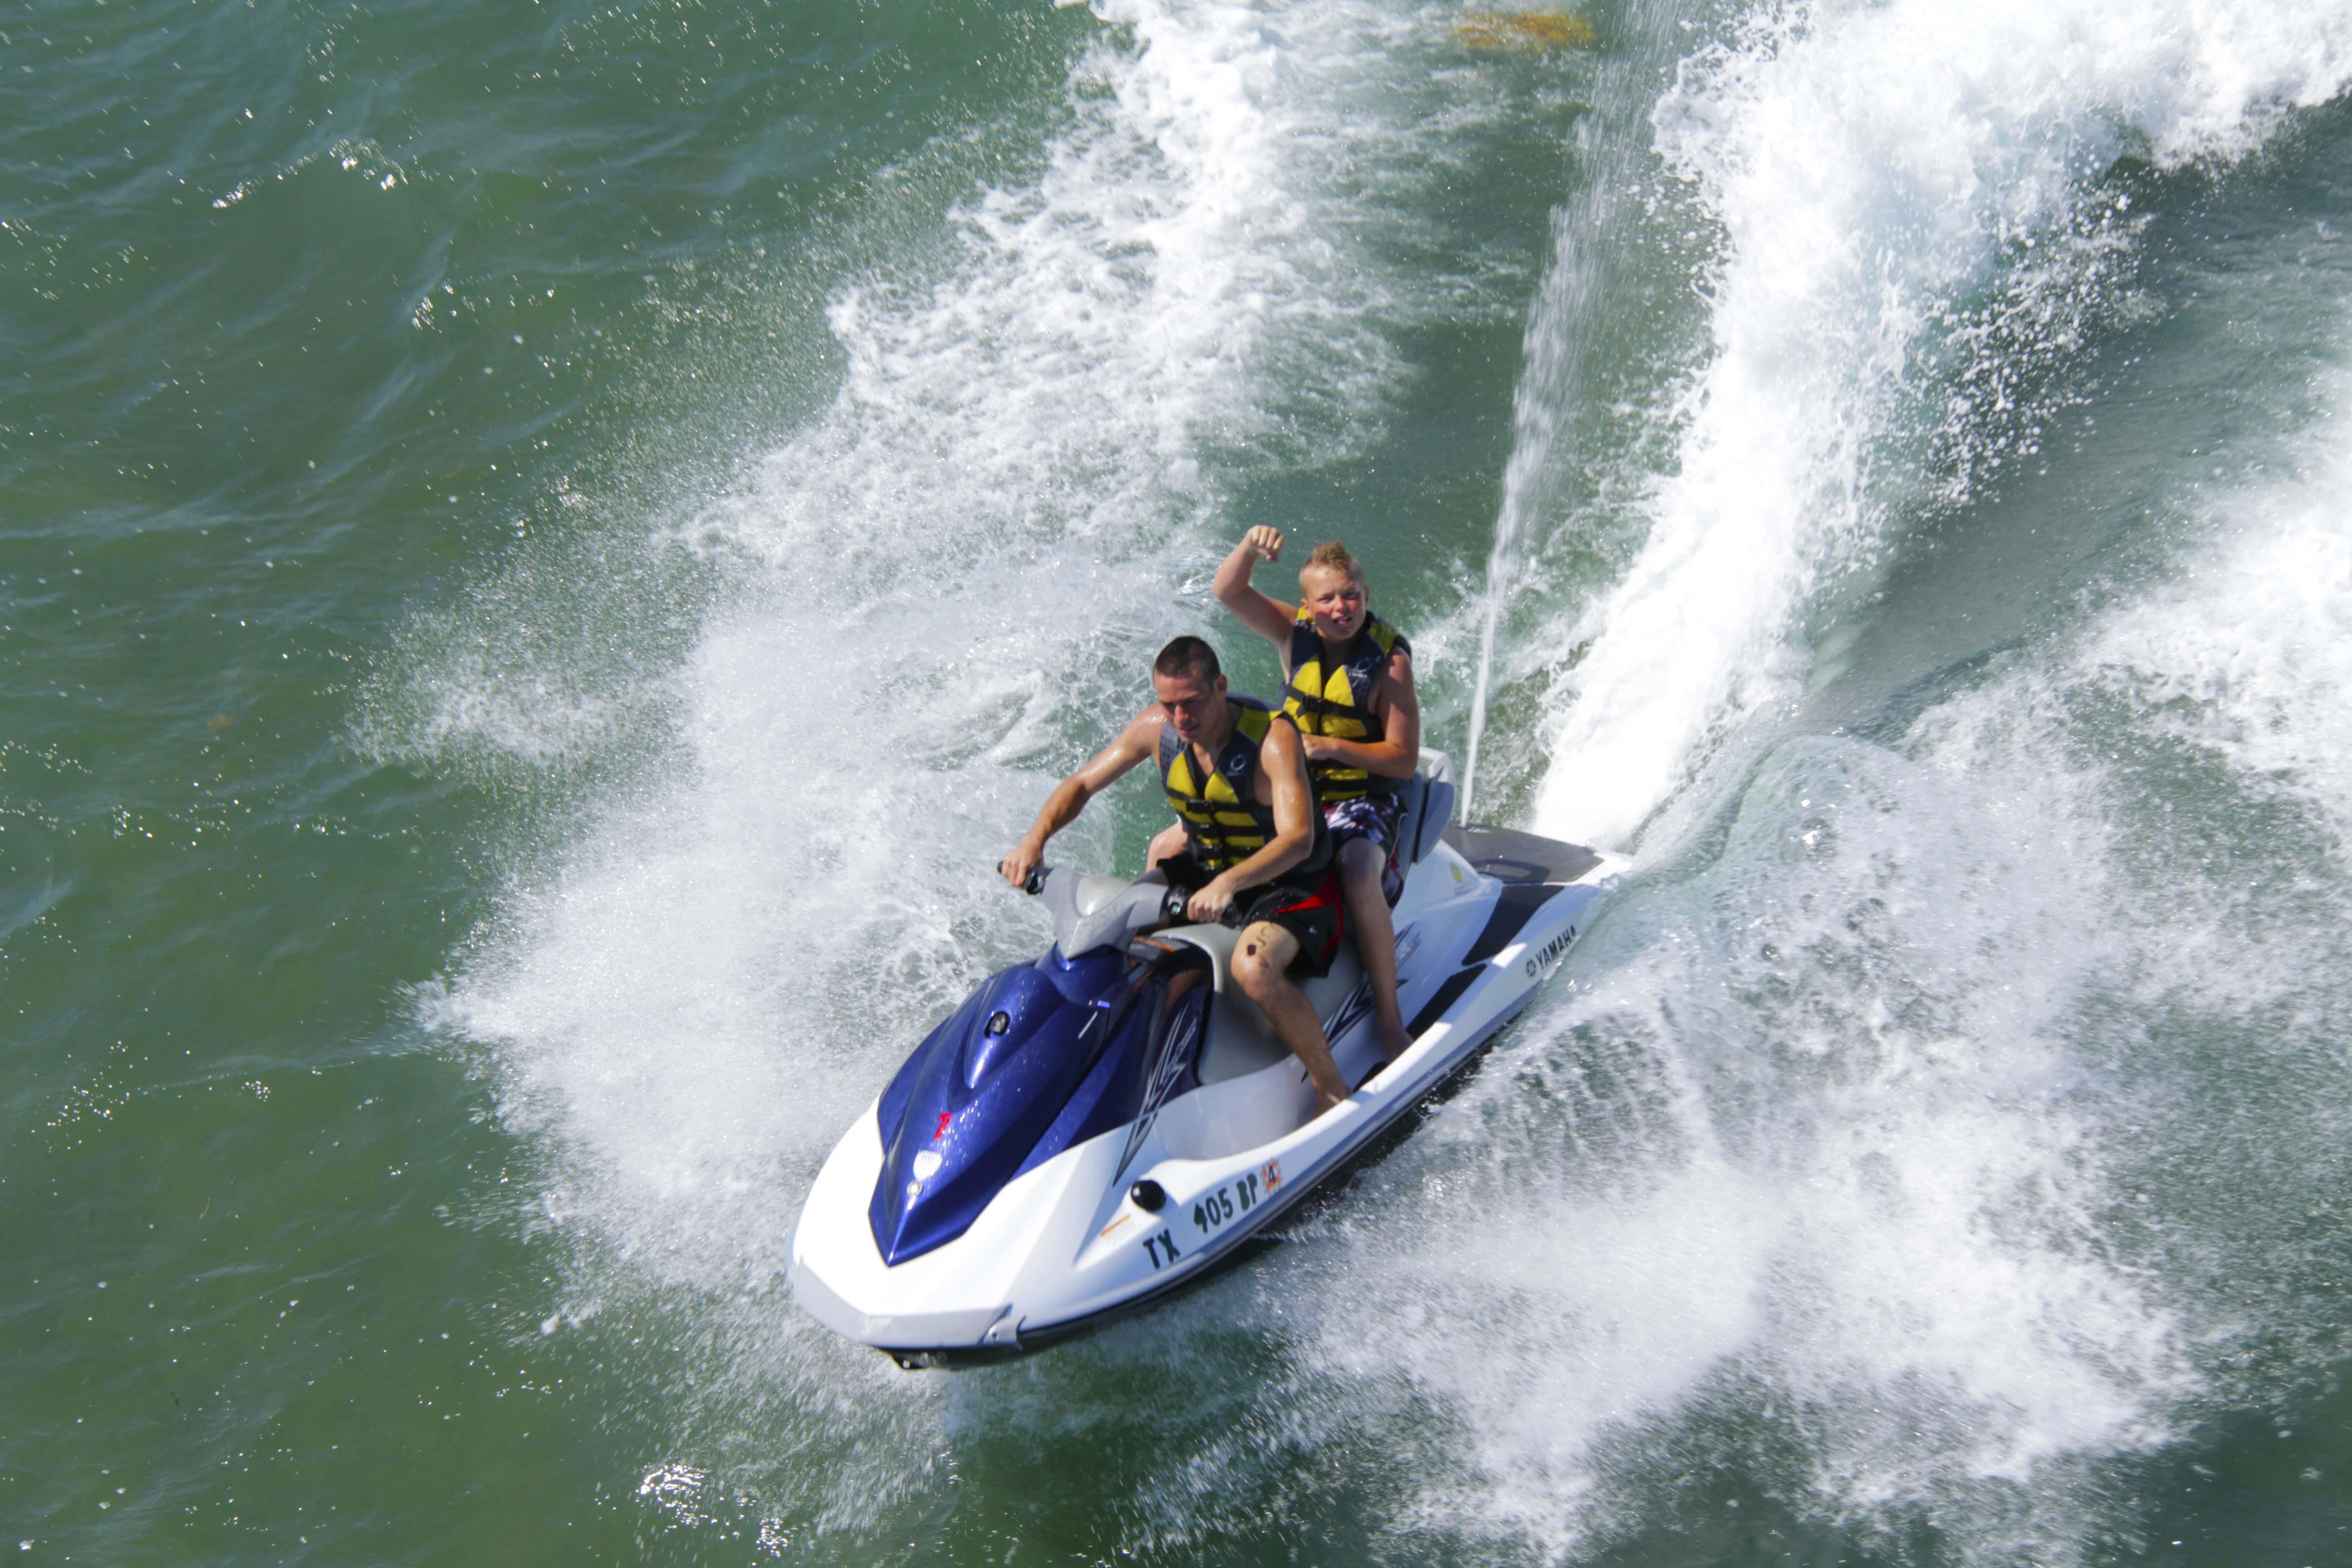 Jet Ski rentals s.padre island